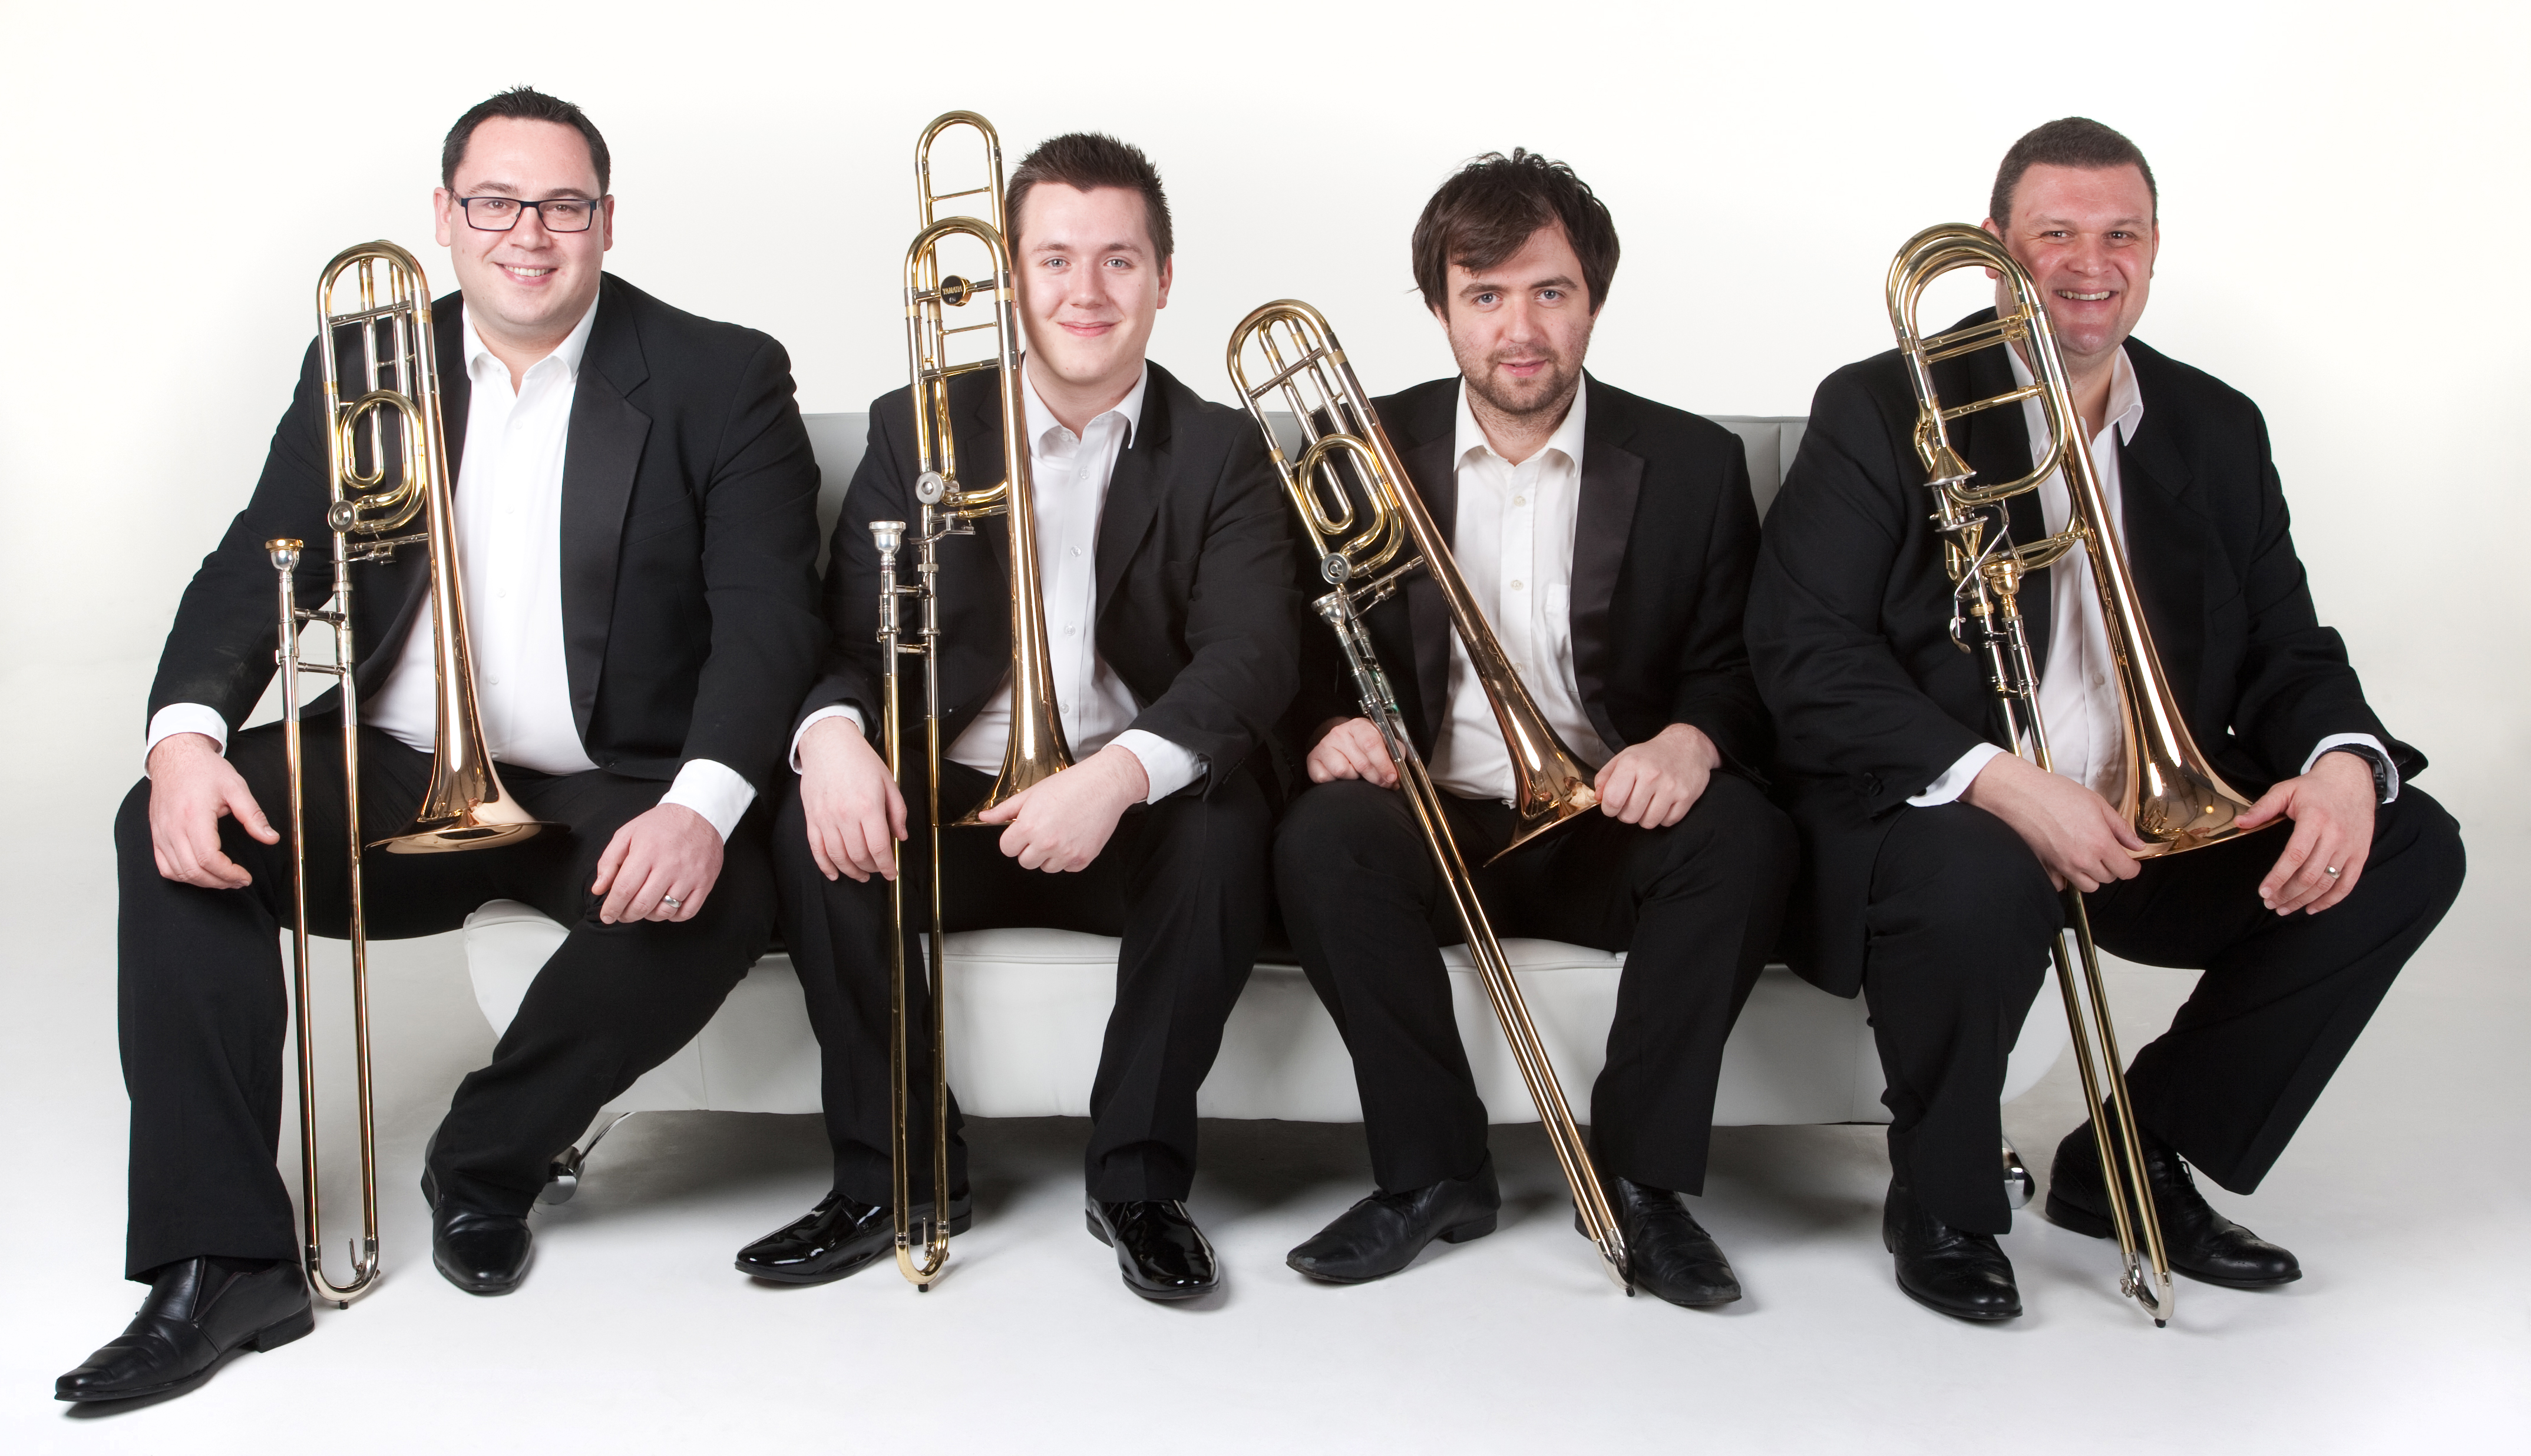 Austonley trombones